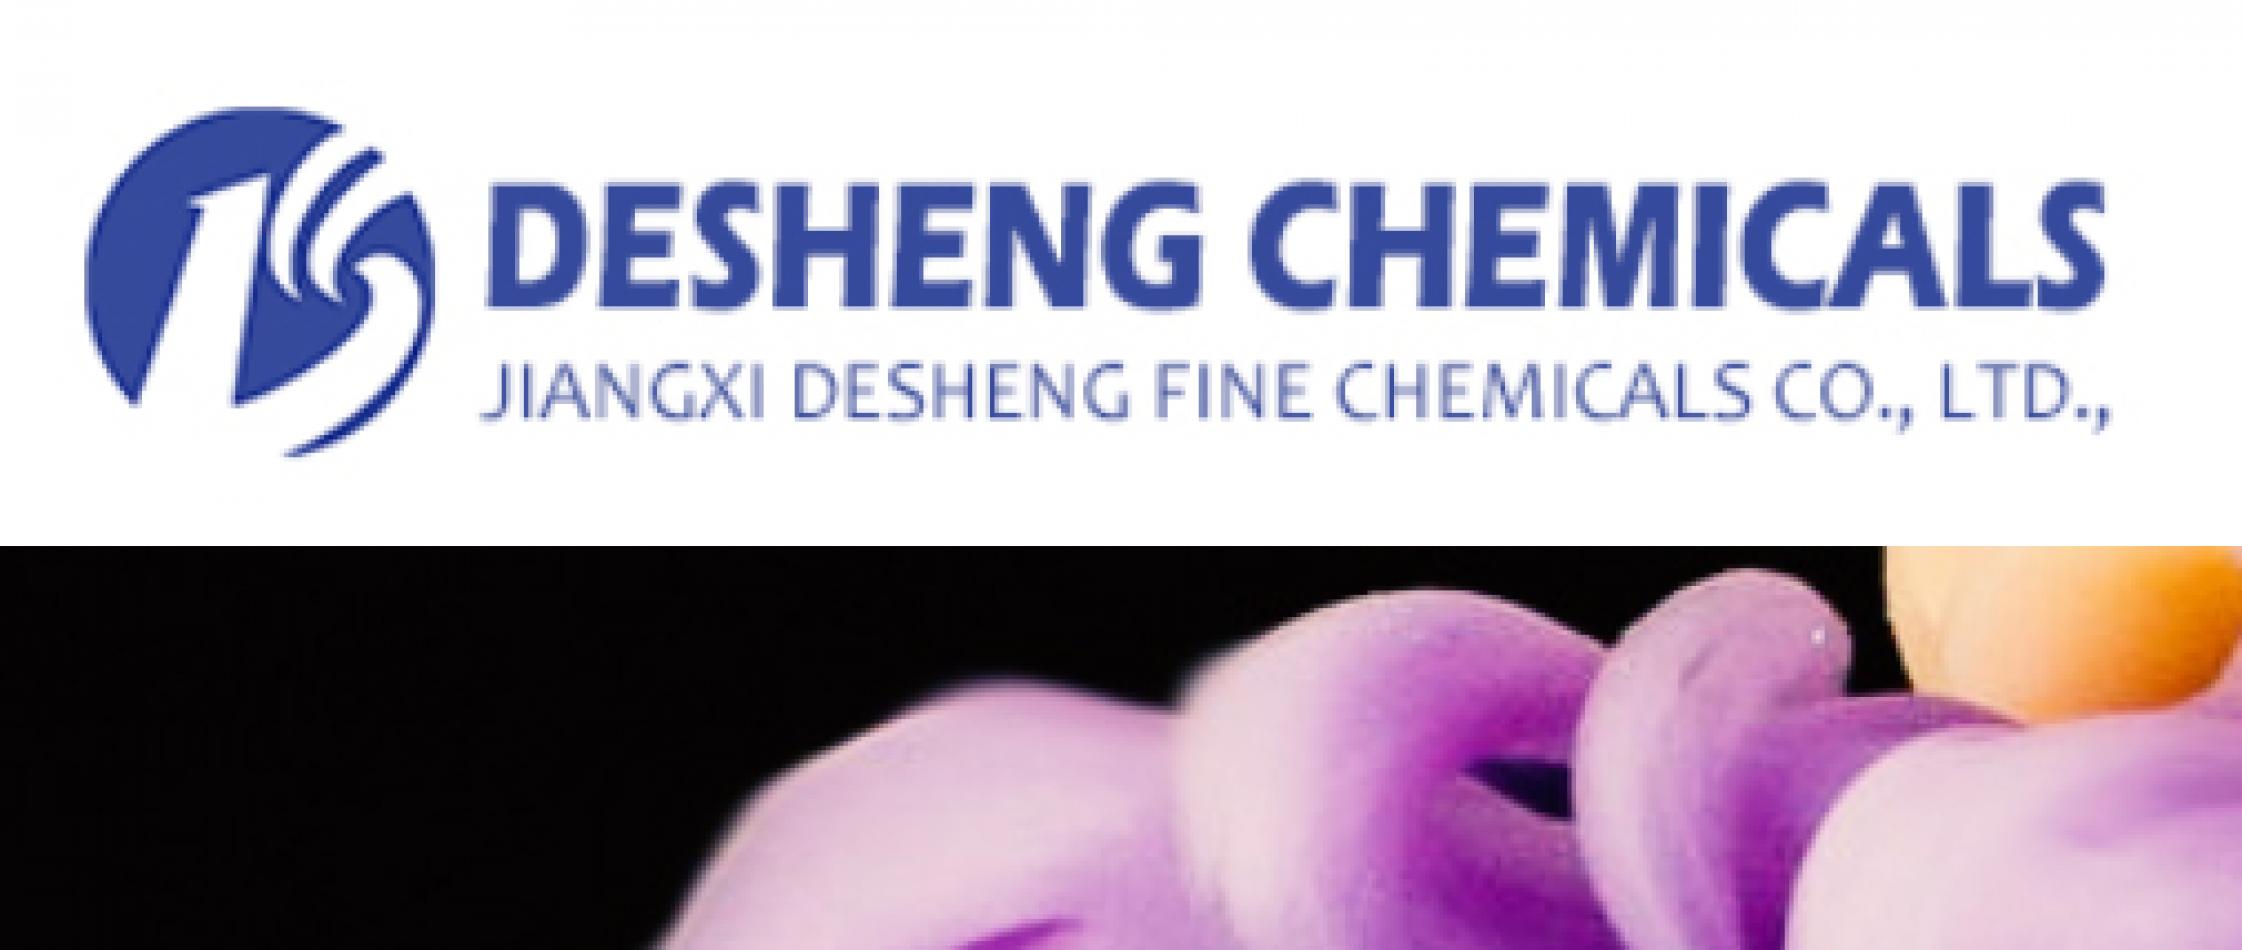 JIANGXI DESHENG FINE CHEMICALS CO.,LTD